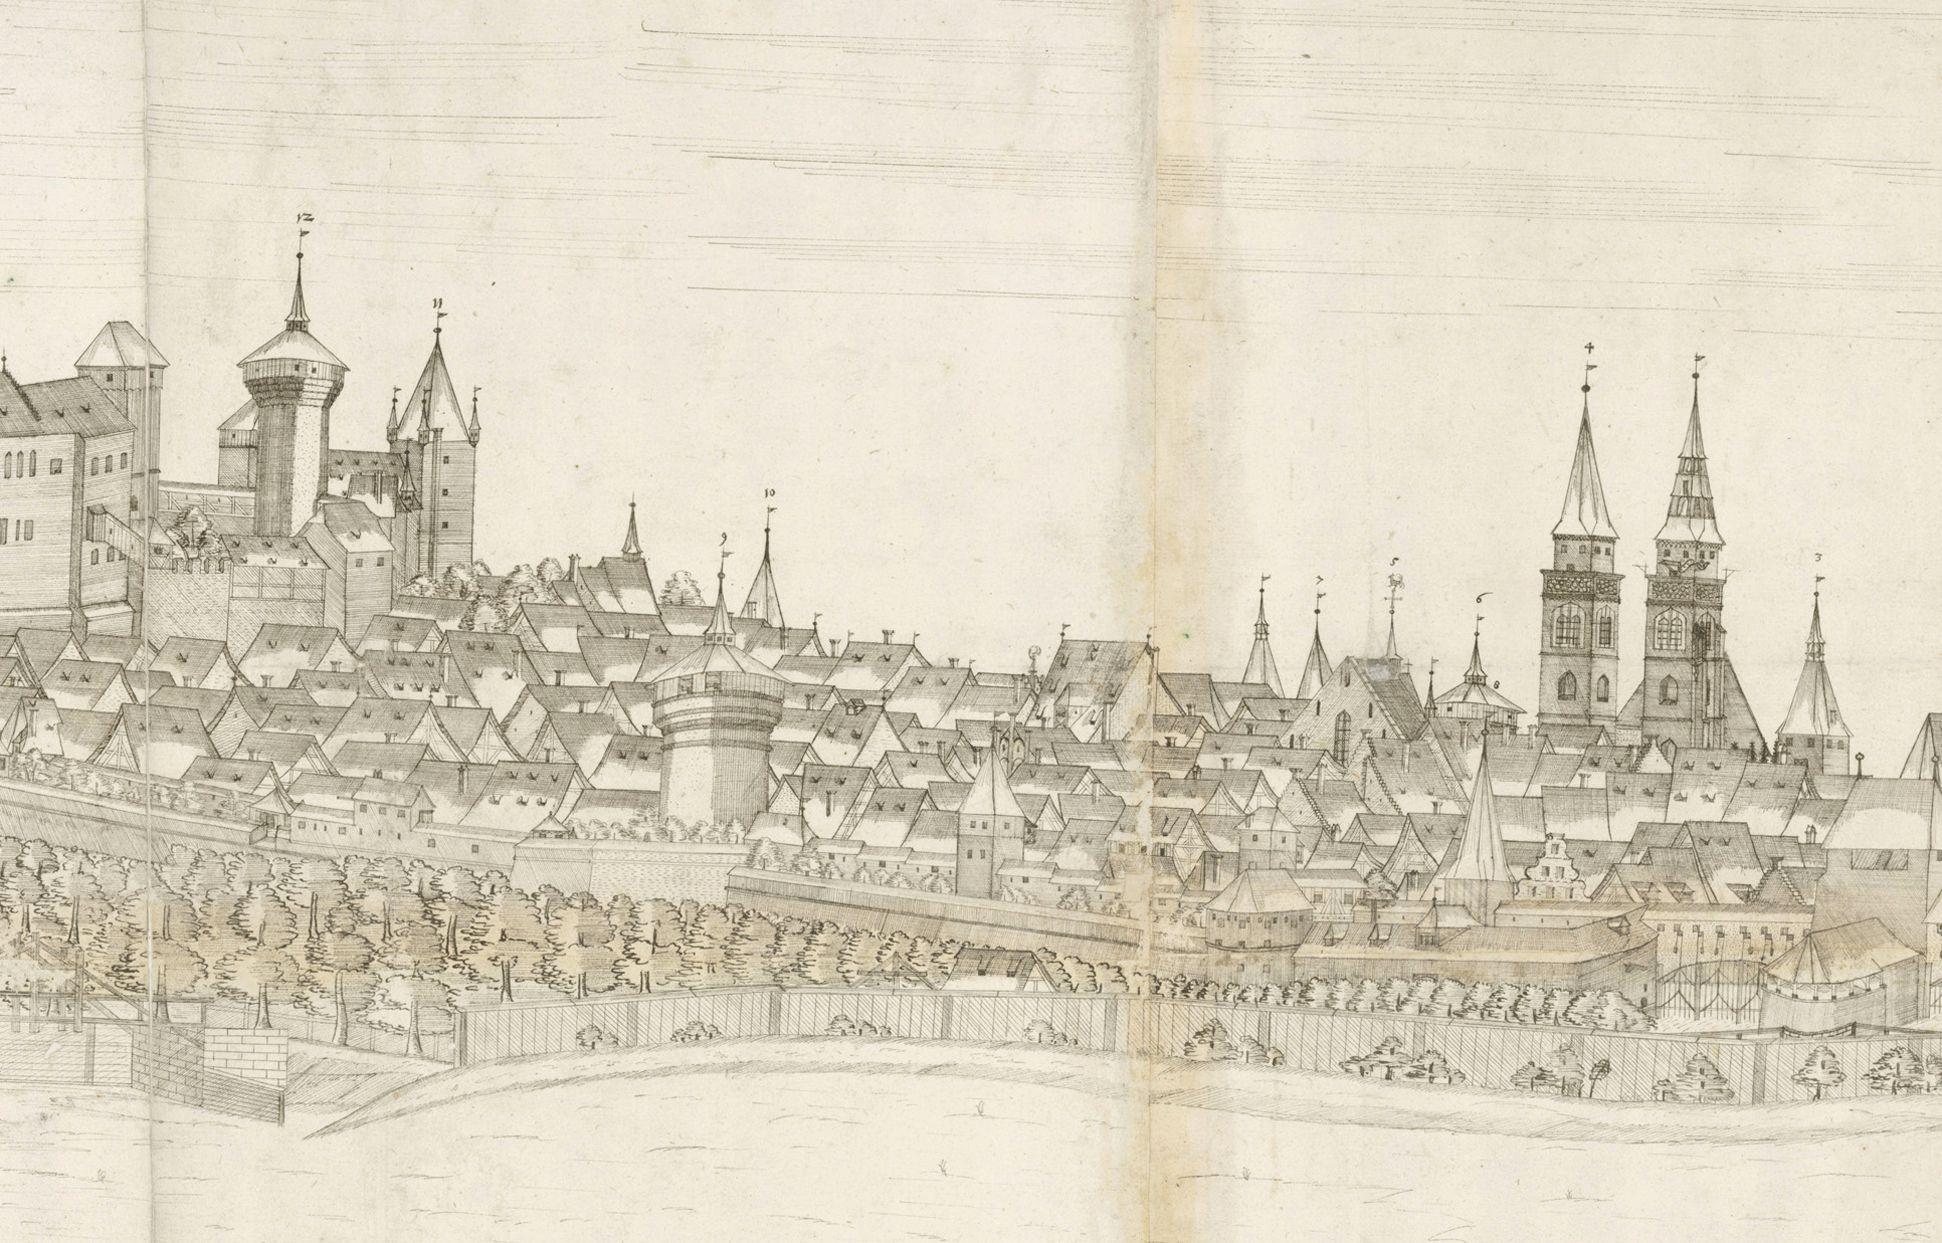 Panoramadarstellung der Stadt Nürnberg von Westen Detail vom mittleren Drittel der Zeichnung mit Heidenturm, Sinwellturm, Luginsland, Neutor (unten) und Sankt Sebald